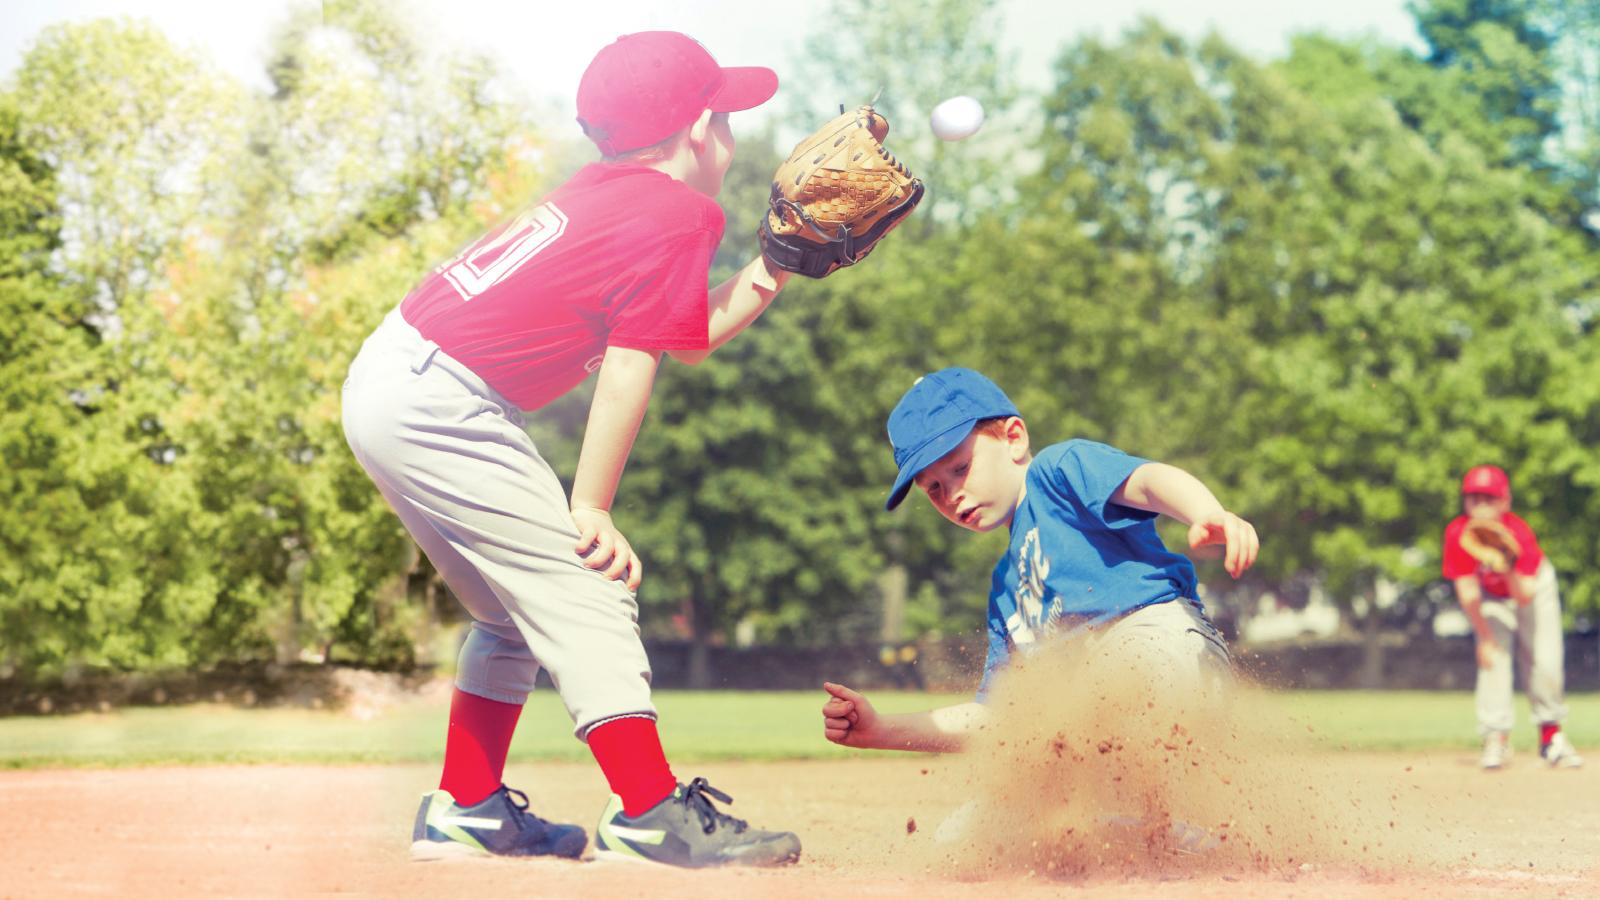 Kids playing baseball sliding into home plate